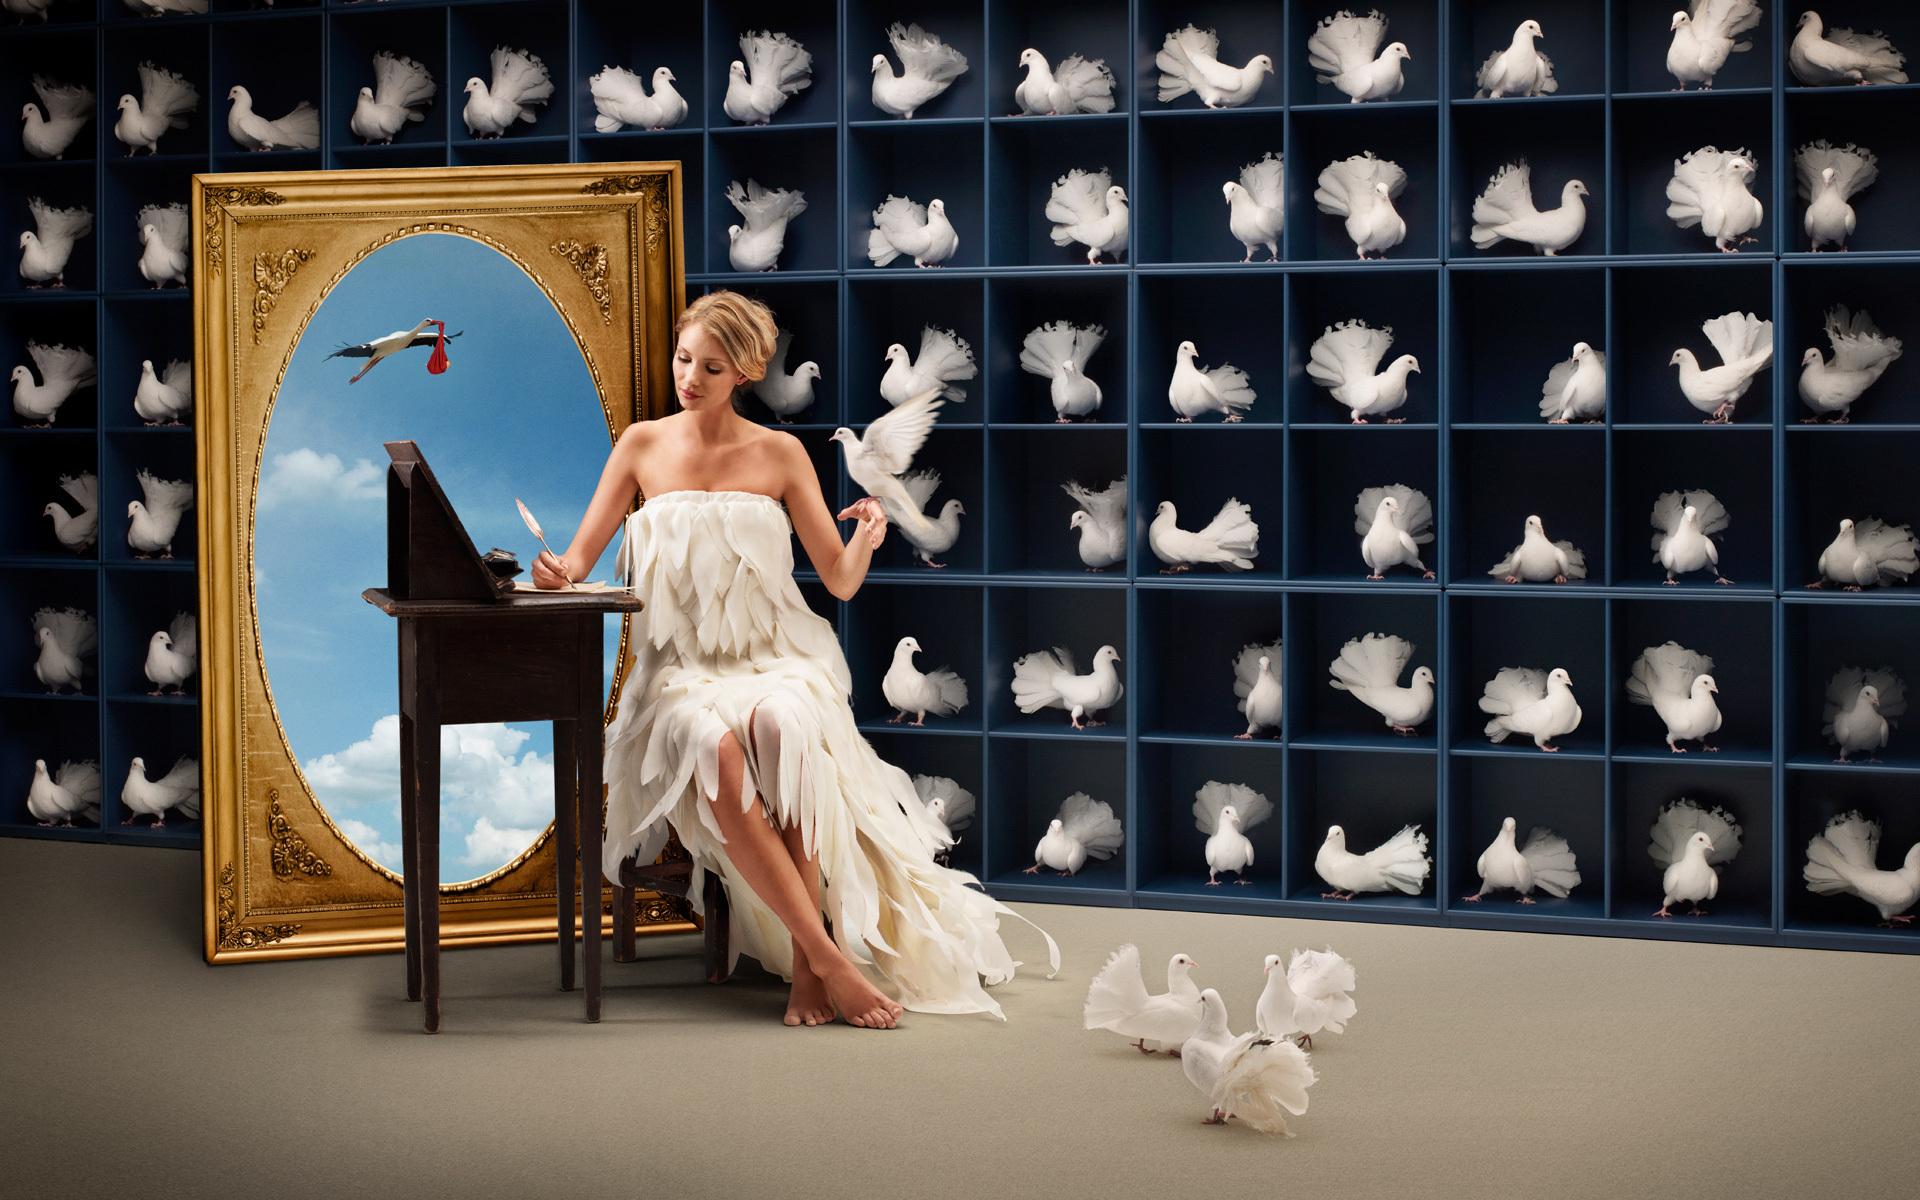 3d Lady Bird wallpaper envoyer des pigeons voyageurs avec des messages, dans une magie de cigogne miroir Aiden portant un bébé à l'intérieur de quelqu'un wallpaper